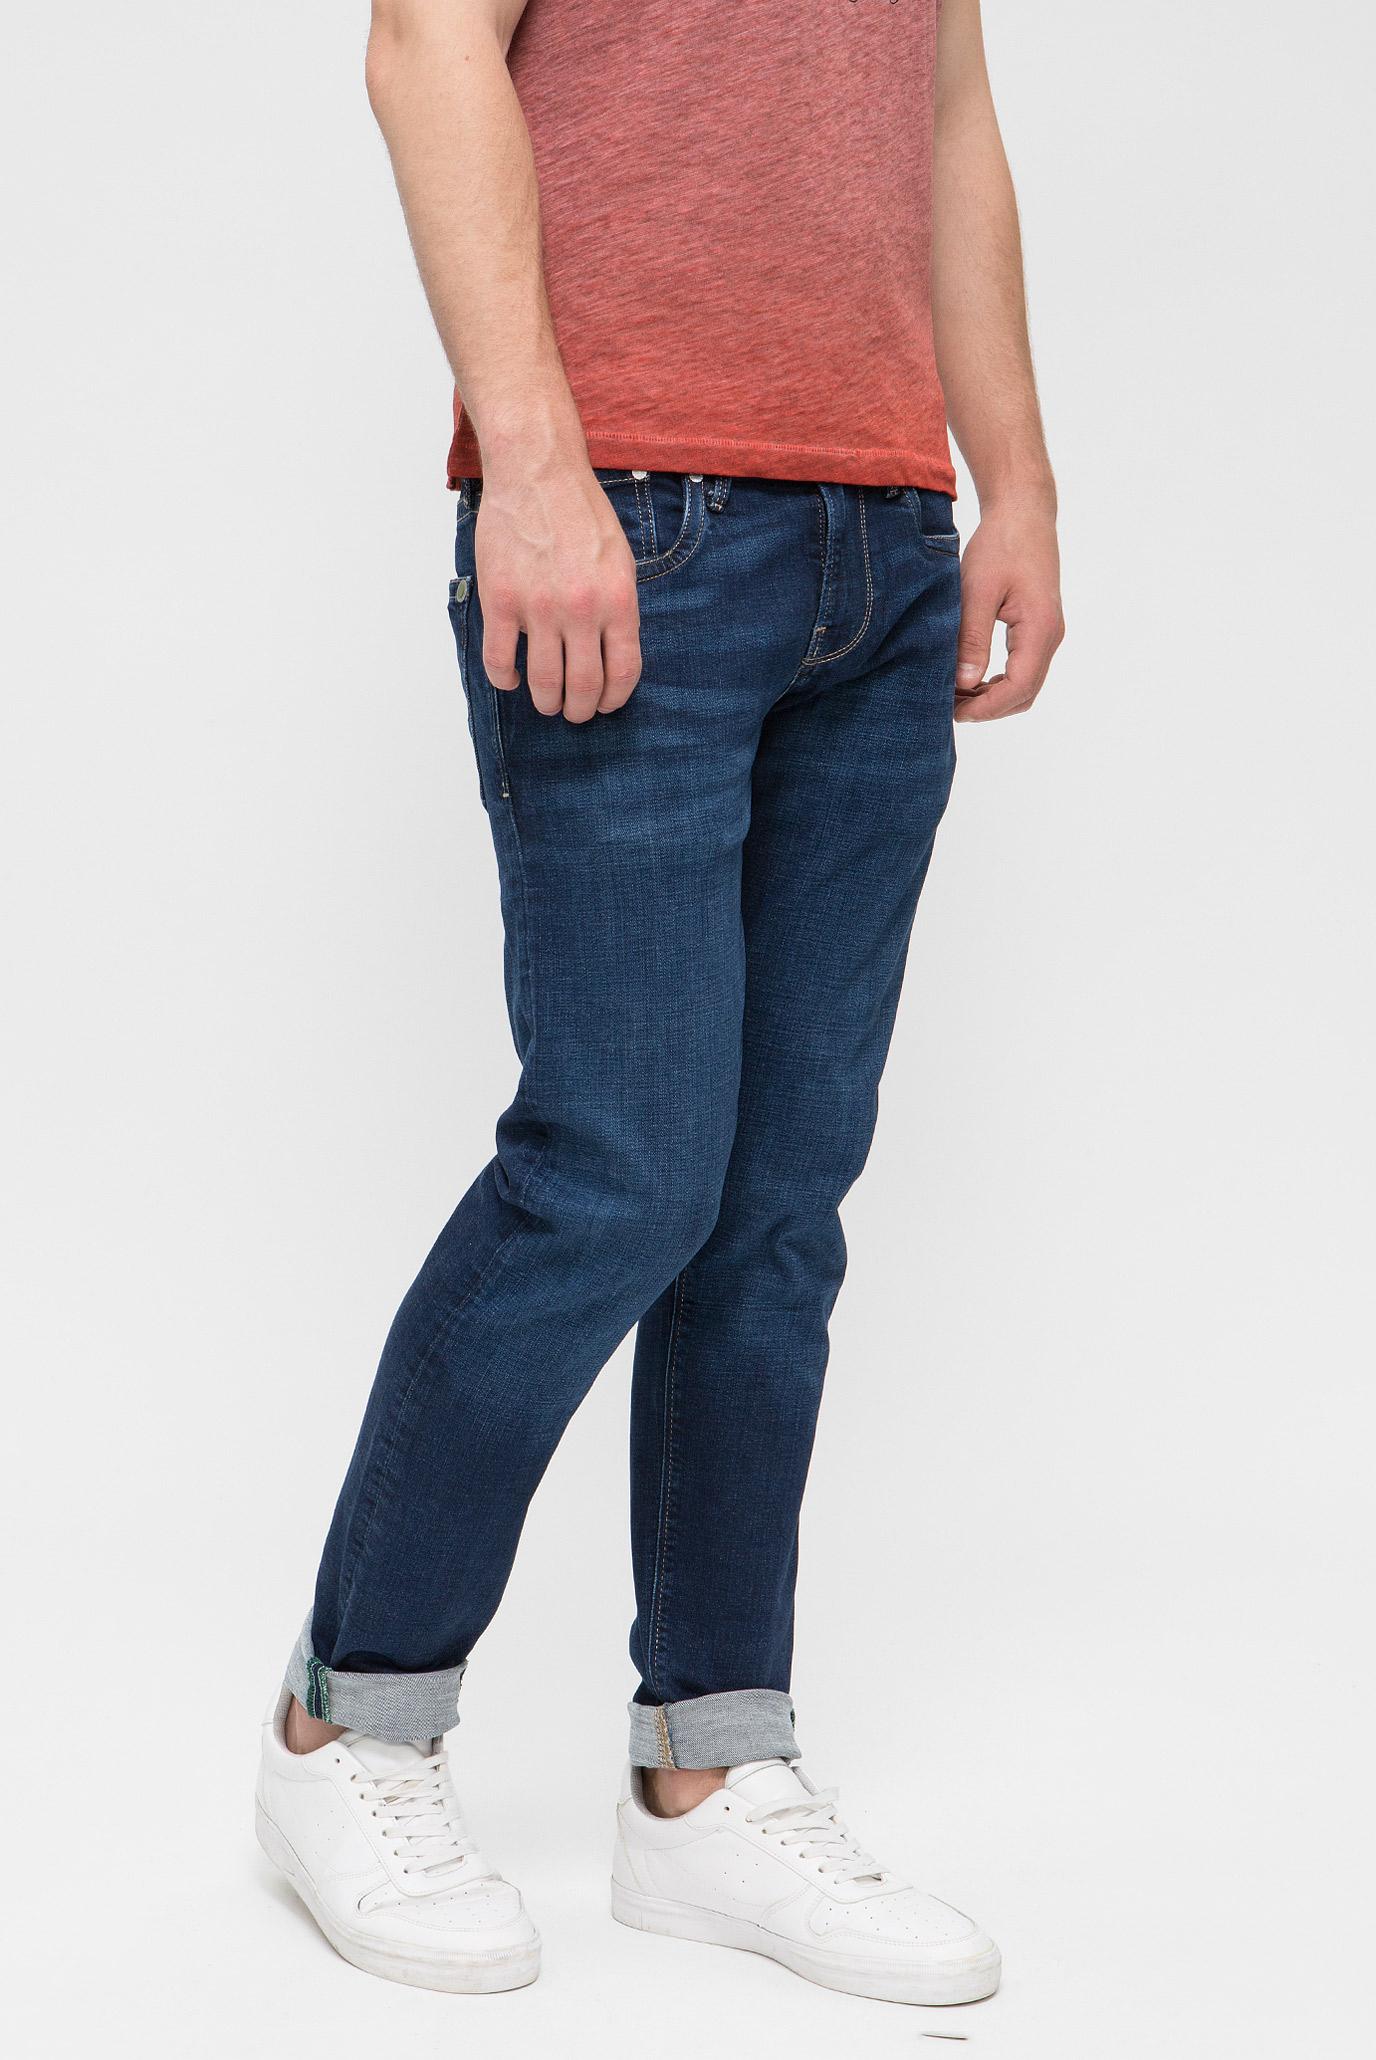 Купить Мужские темно-синие джинсы HATCH Pepe Jeans Pepe Jeans PM200823WW92 – Киев, Украина. Цены в интернет магазине MD Fashion